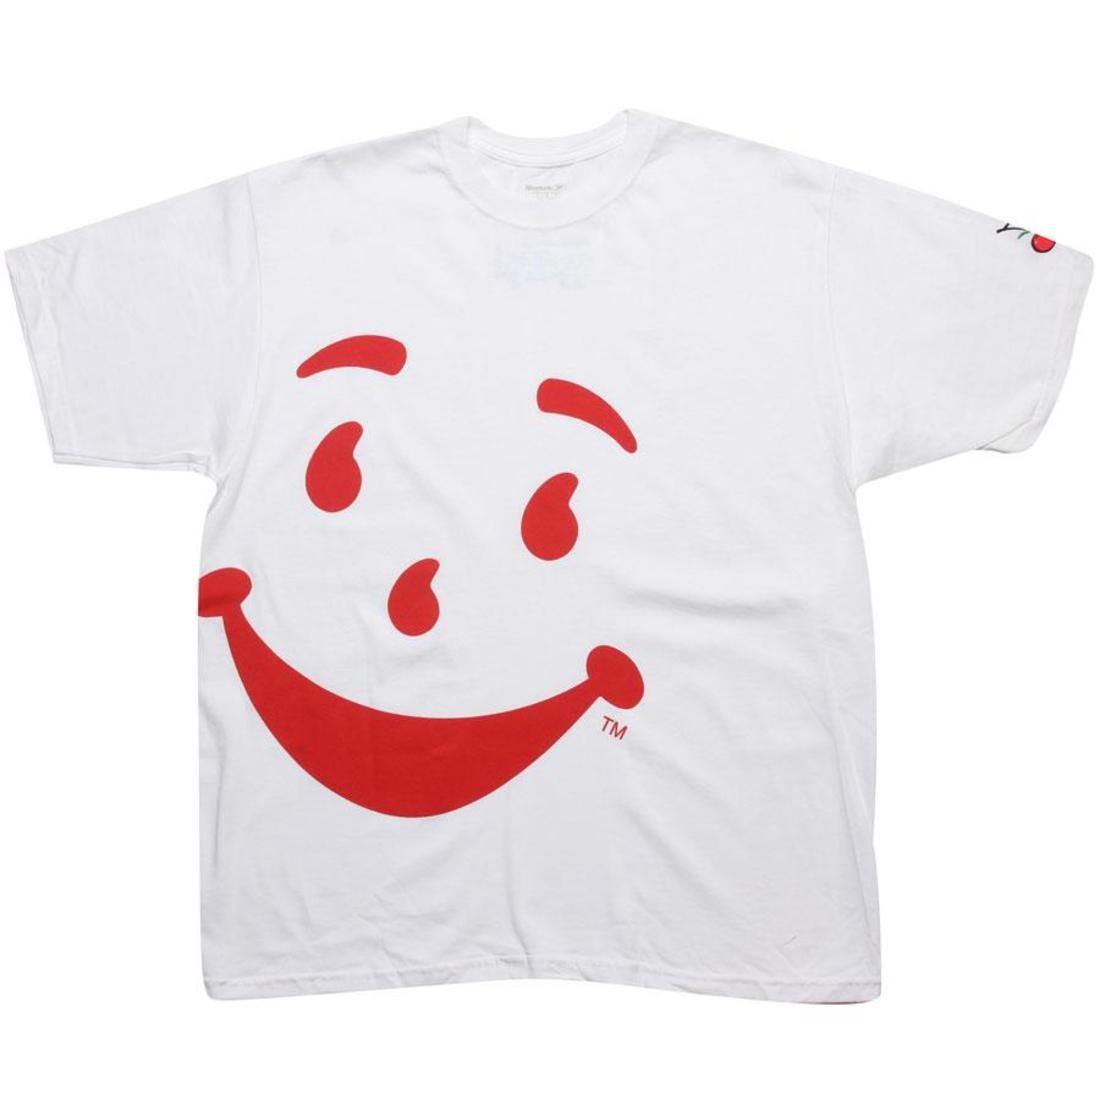 リーボック REEBOK Tシャツ メンズファッション トップス カットソー メンズ 【 Kool Aid Tee (white) 】 White